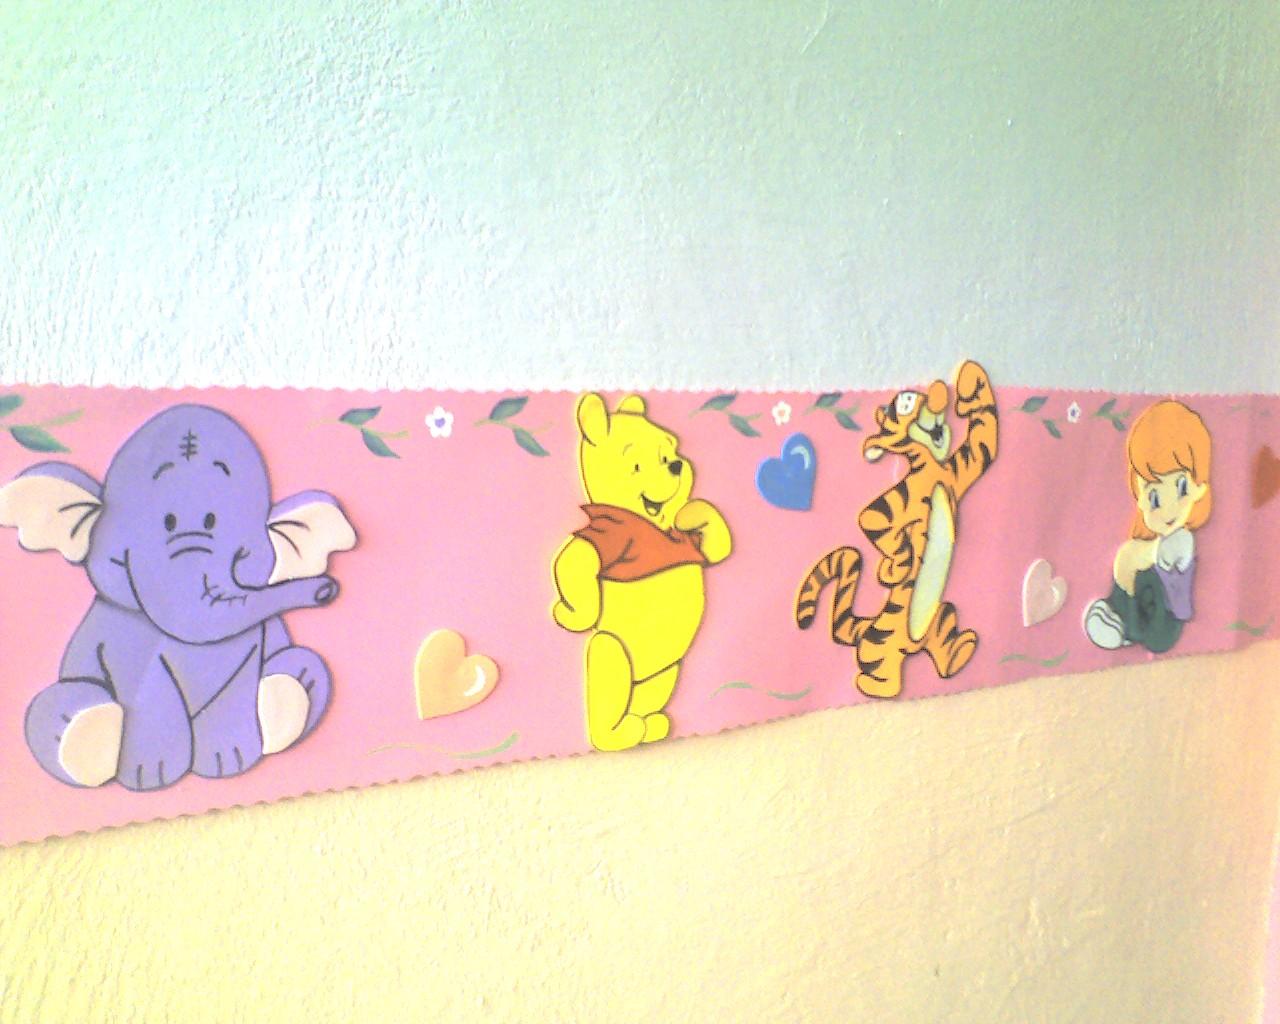 Todo en foami figuras en foami decorar la habitacion del bebe - Manualidades para decorar habitacion bebe ...